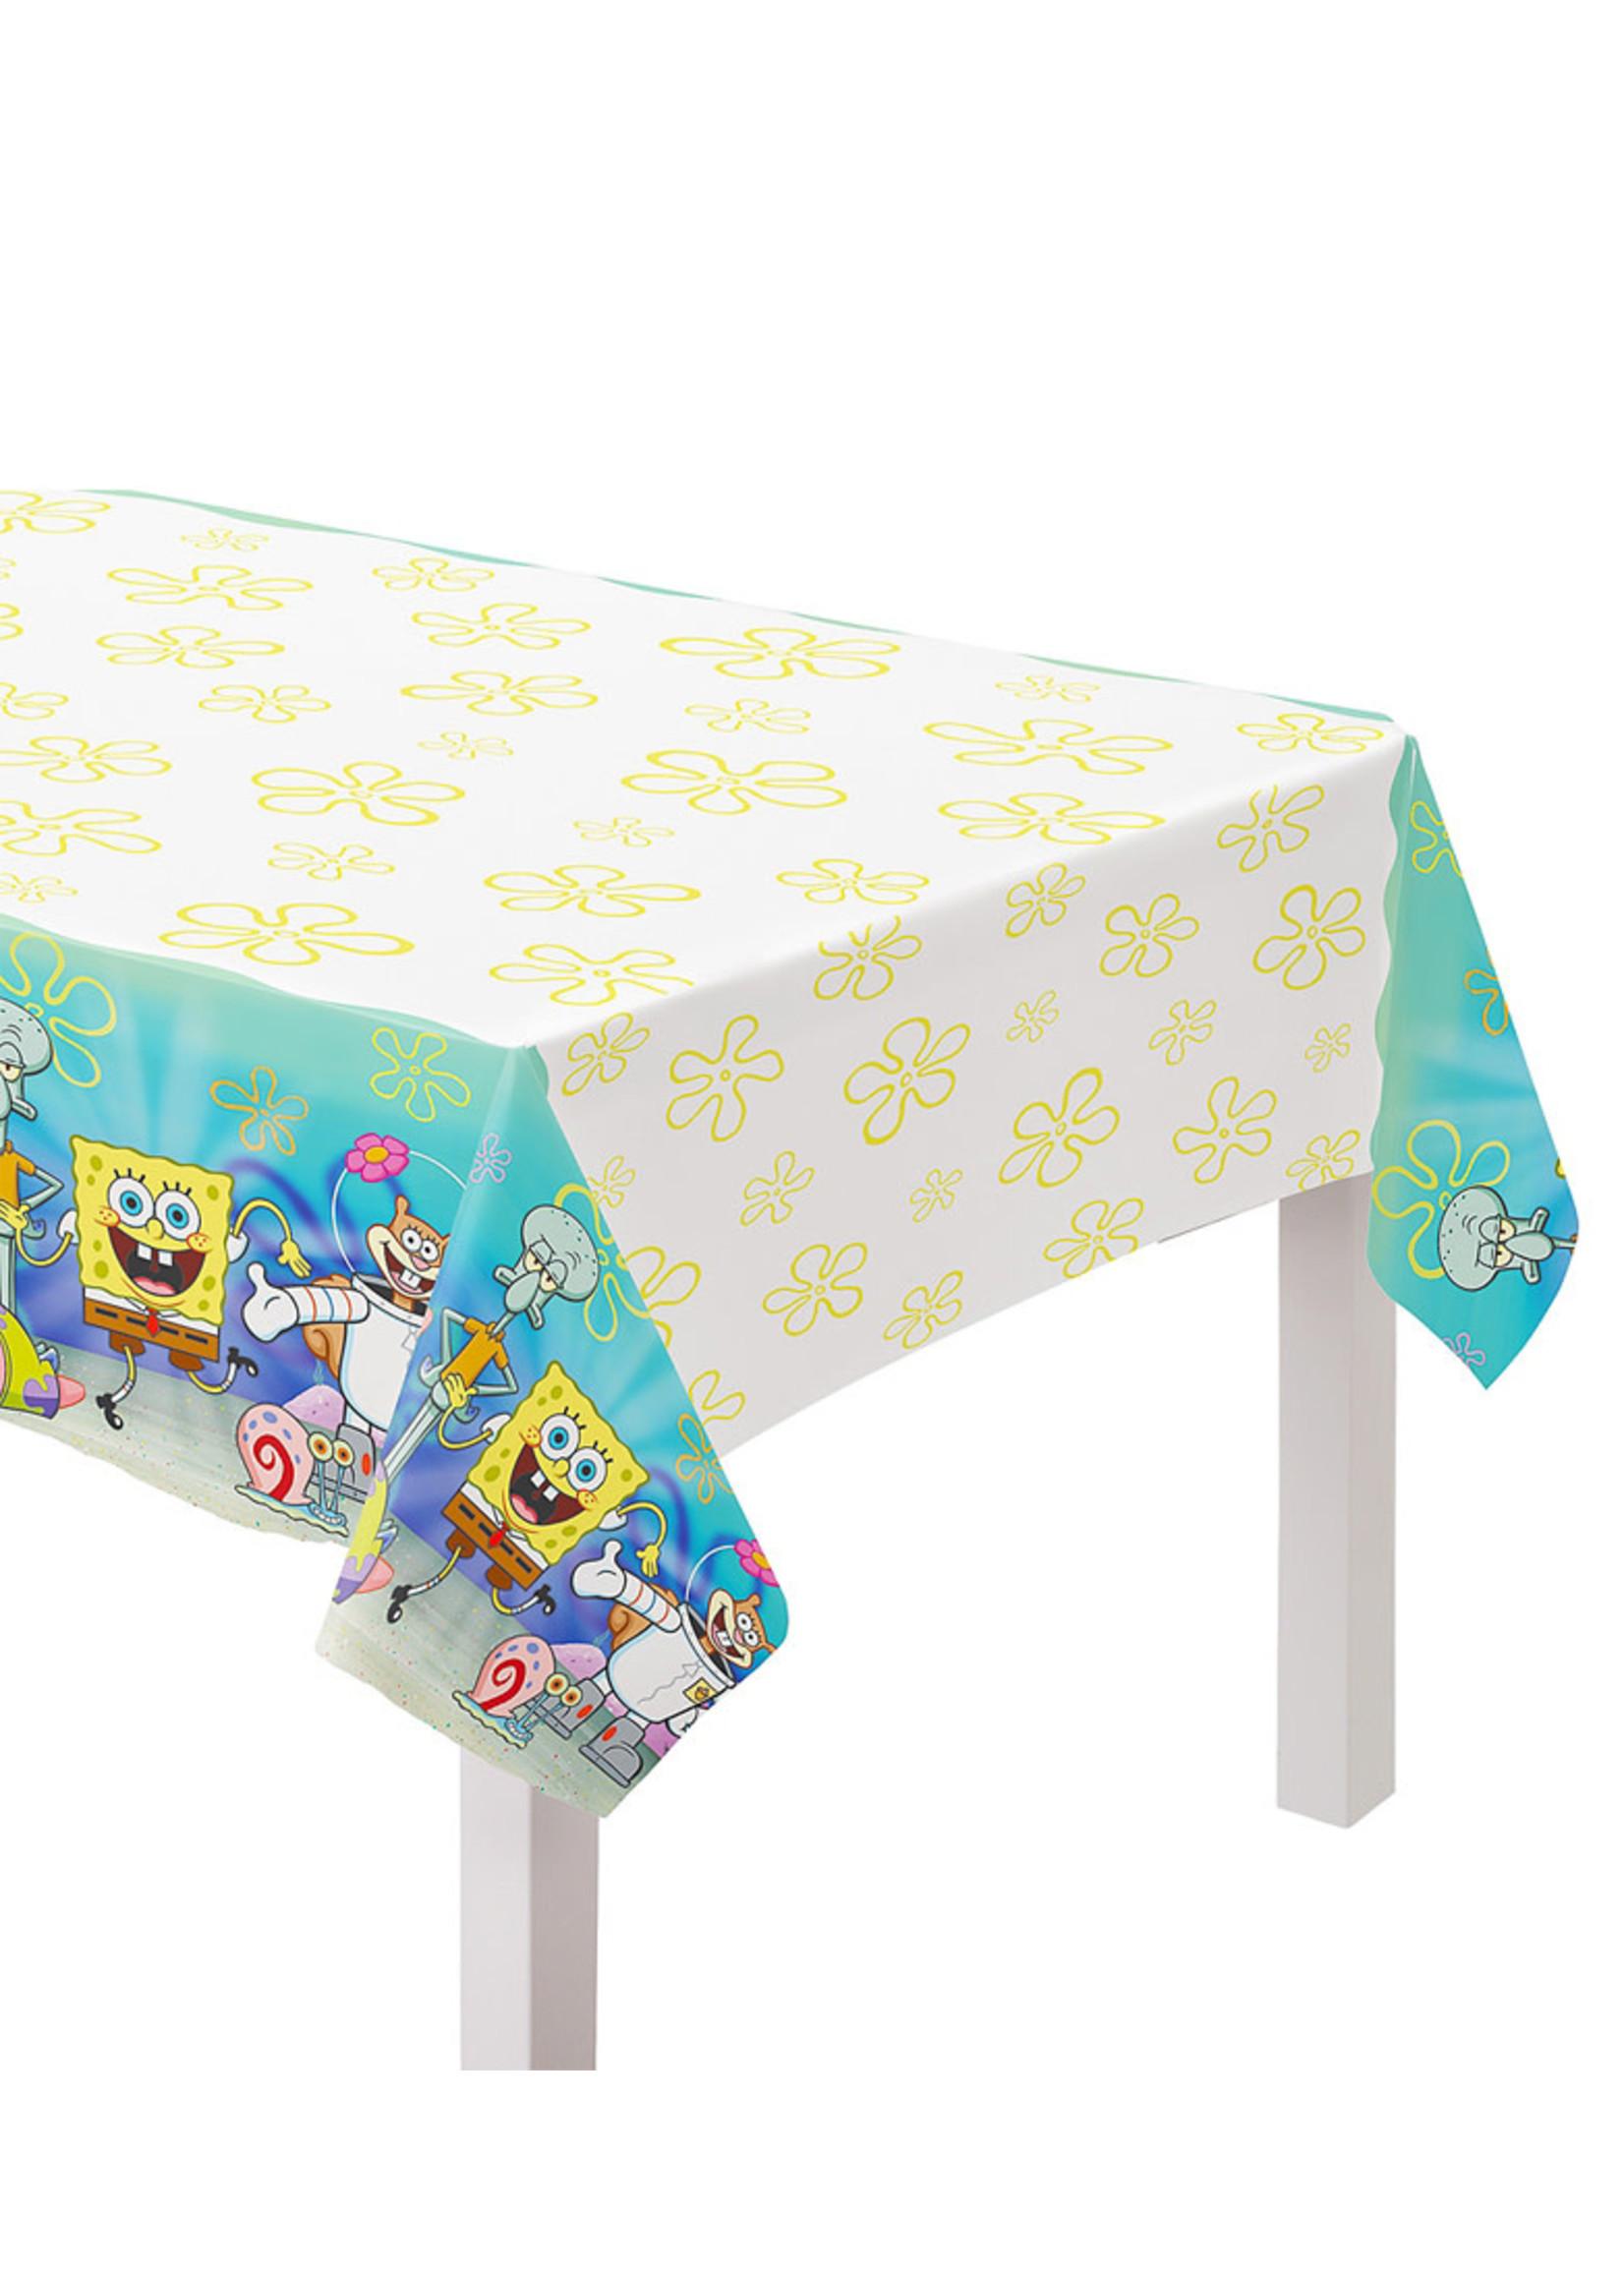 SpongeBob SquarePants Paper Table Cover, 54in x 96in